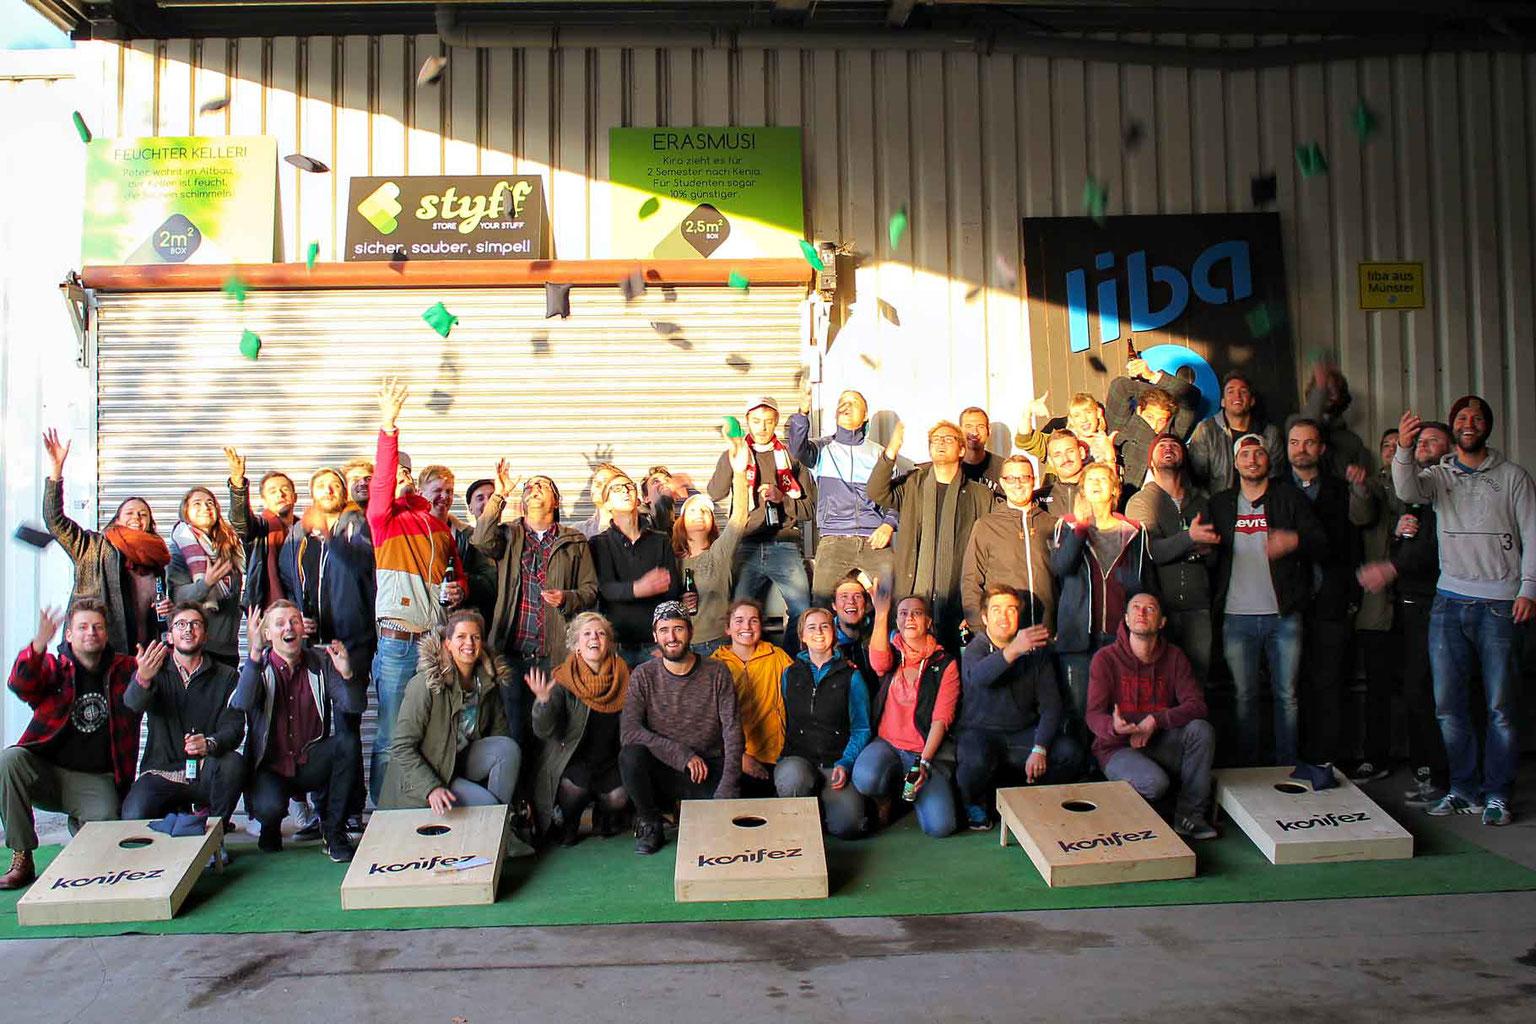 Spiele Weihnachtsfeier Betriebsfeier.Das Wurfspiel Für Jede Altersgruppe Cornhole Aus Deutschland